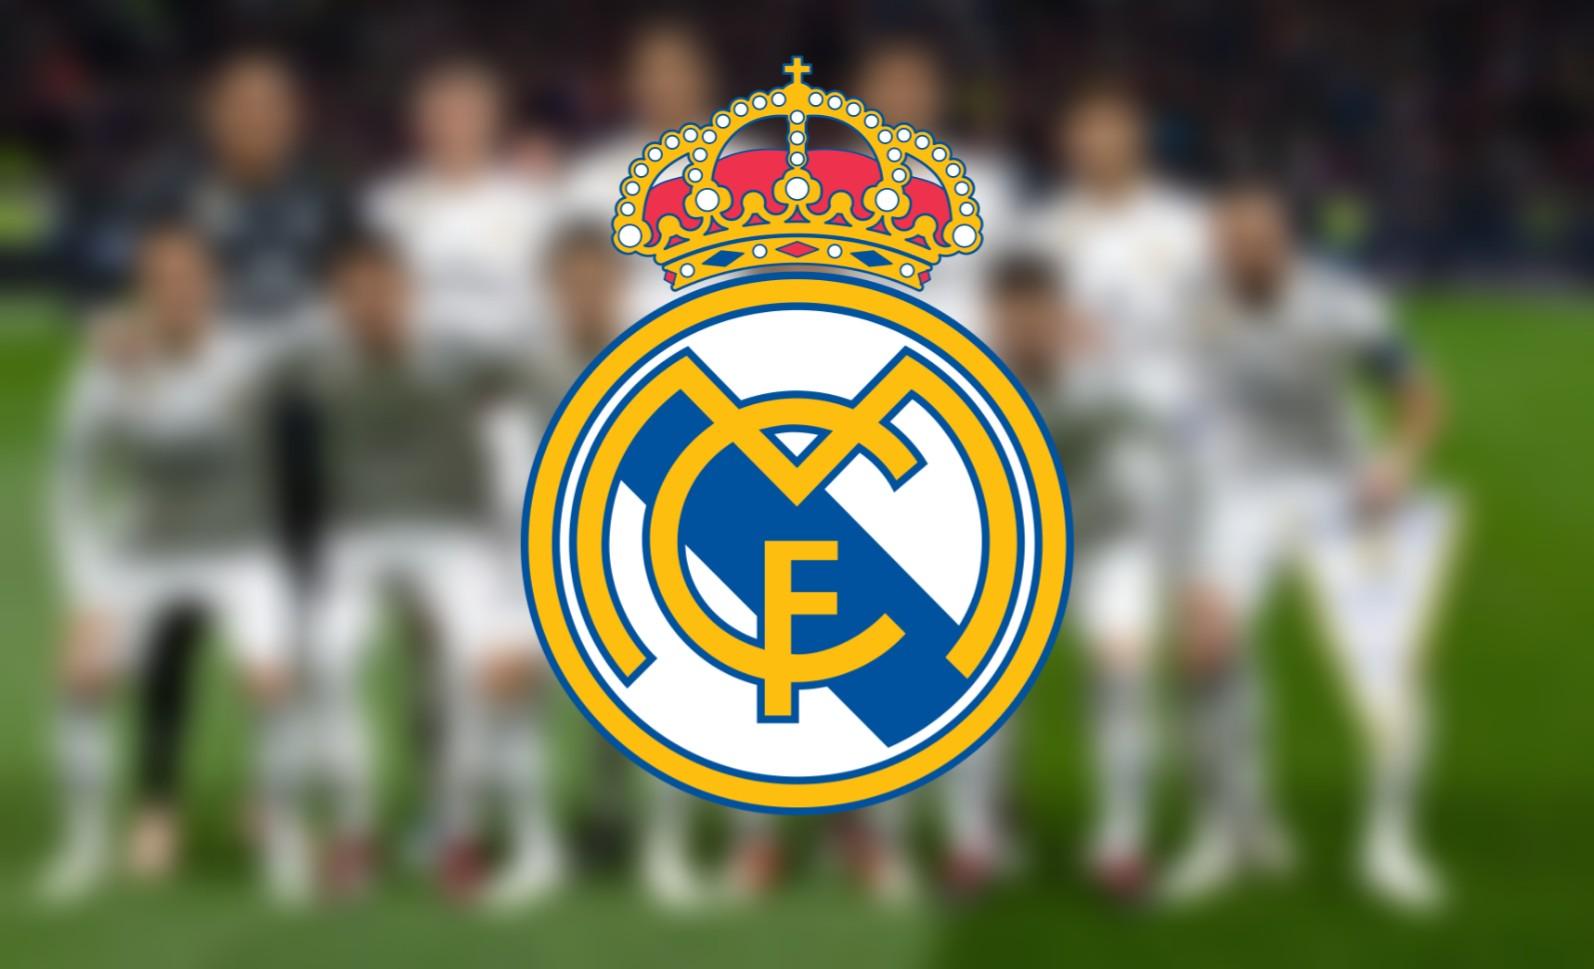 Senarai Rasmi Pemain Real Madrid 2019/2020